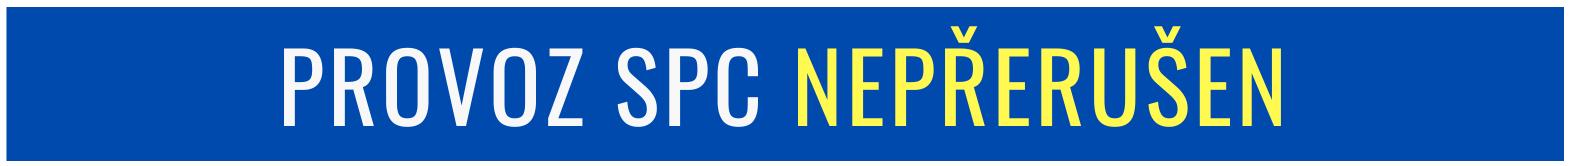 Provoz SPC nepřerušen